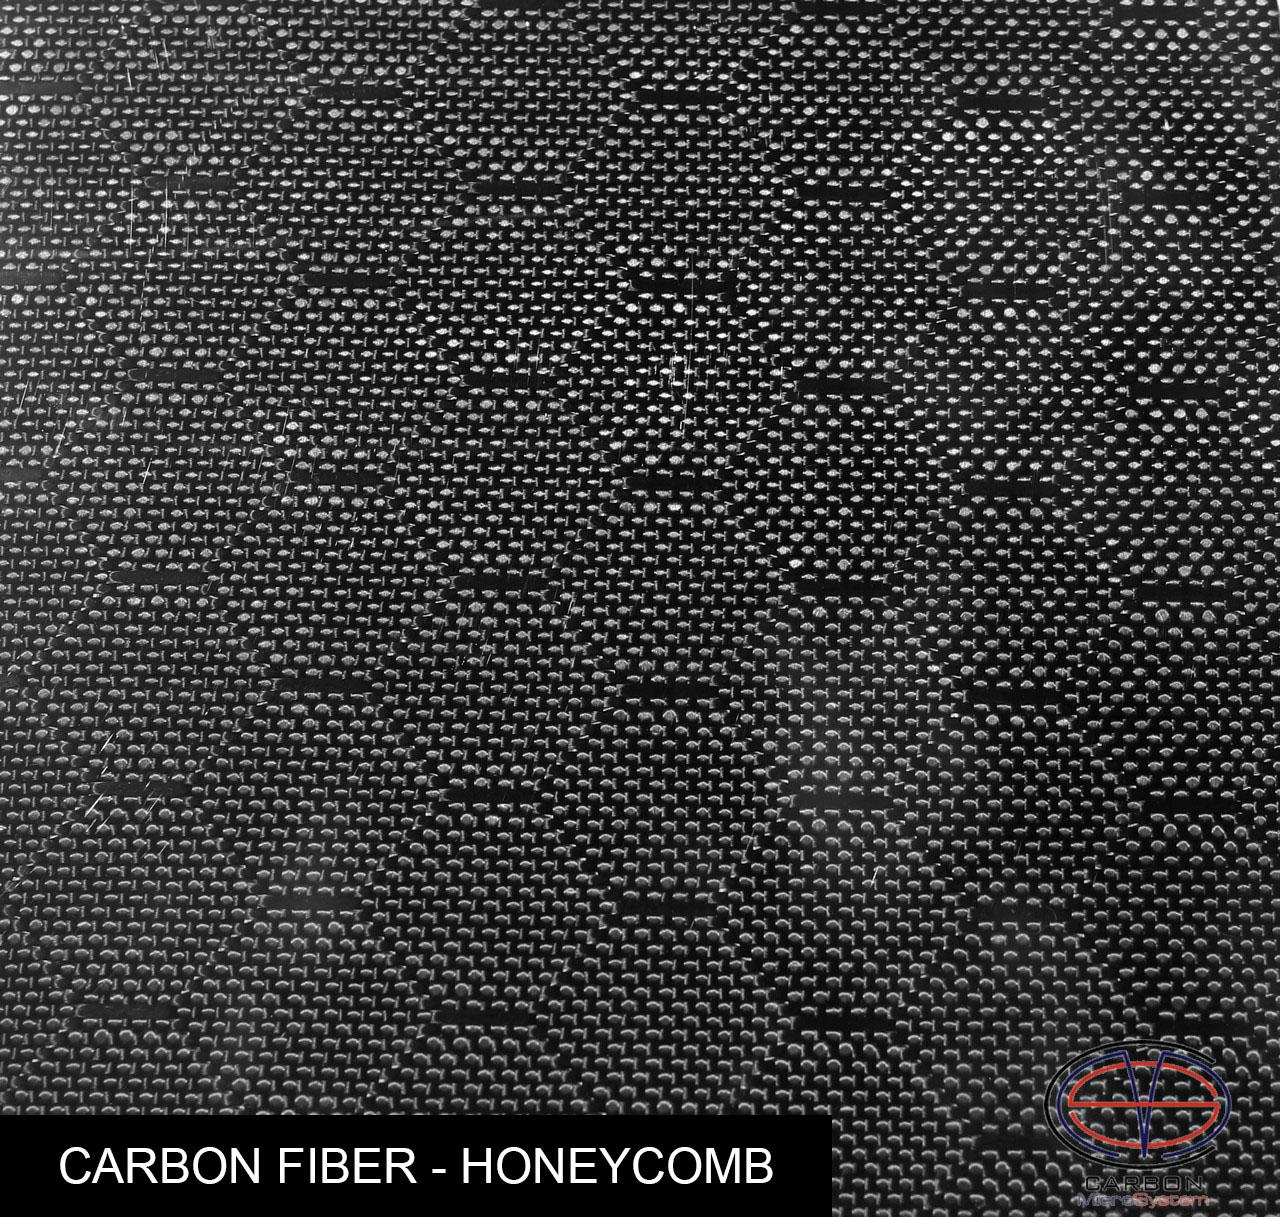 carbon fiber honeycomb